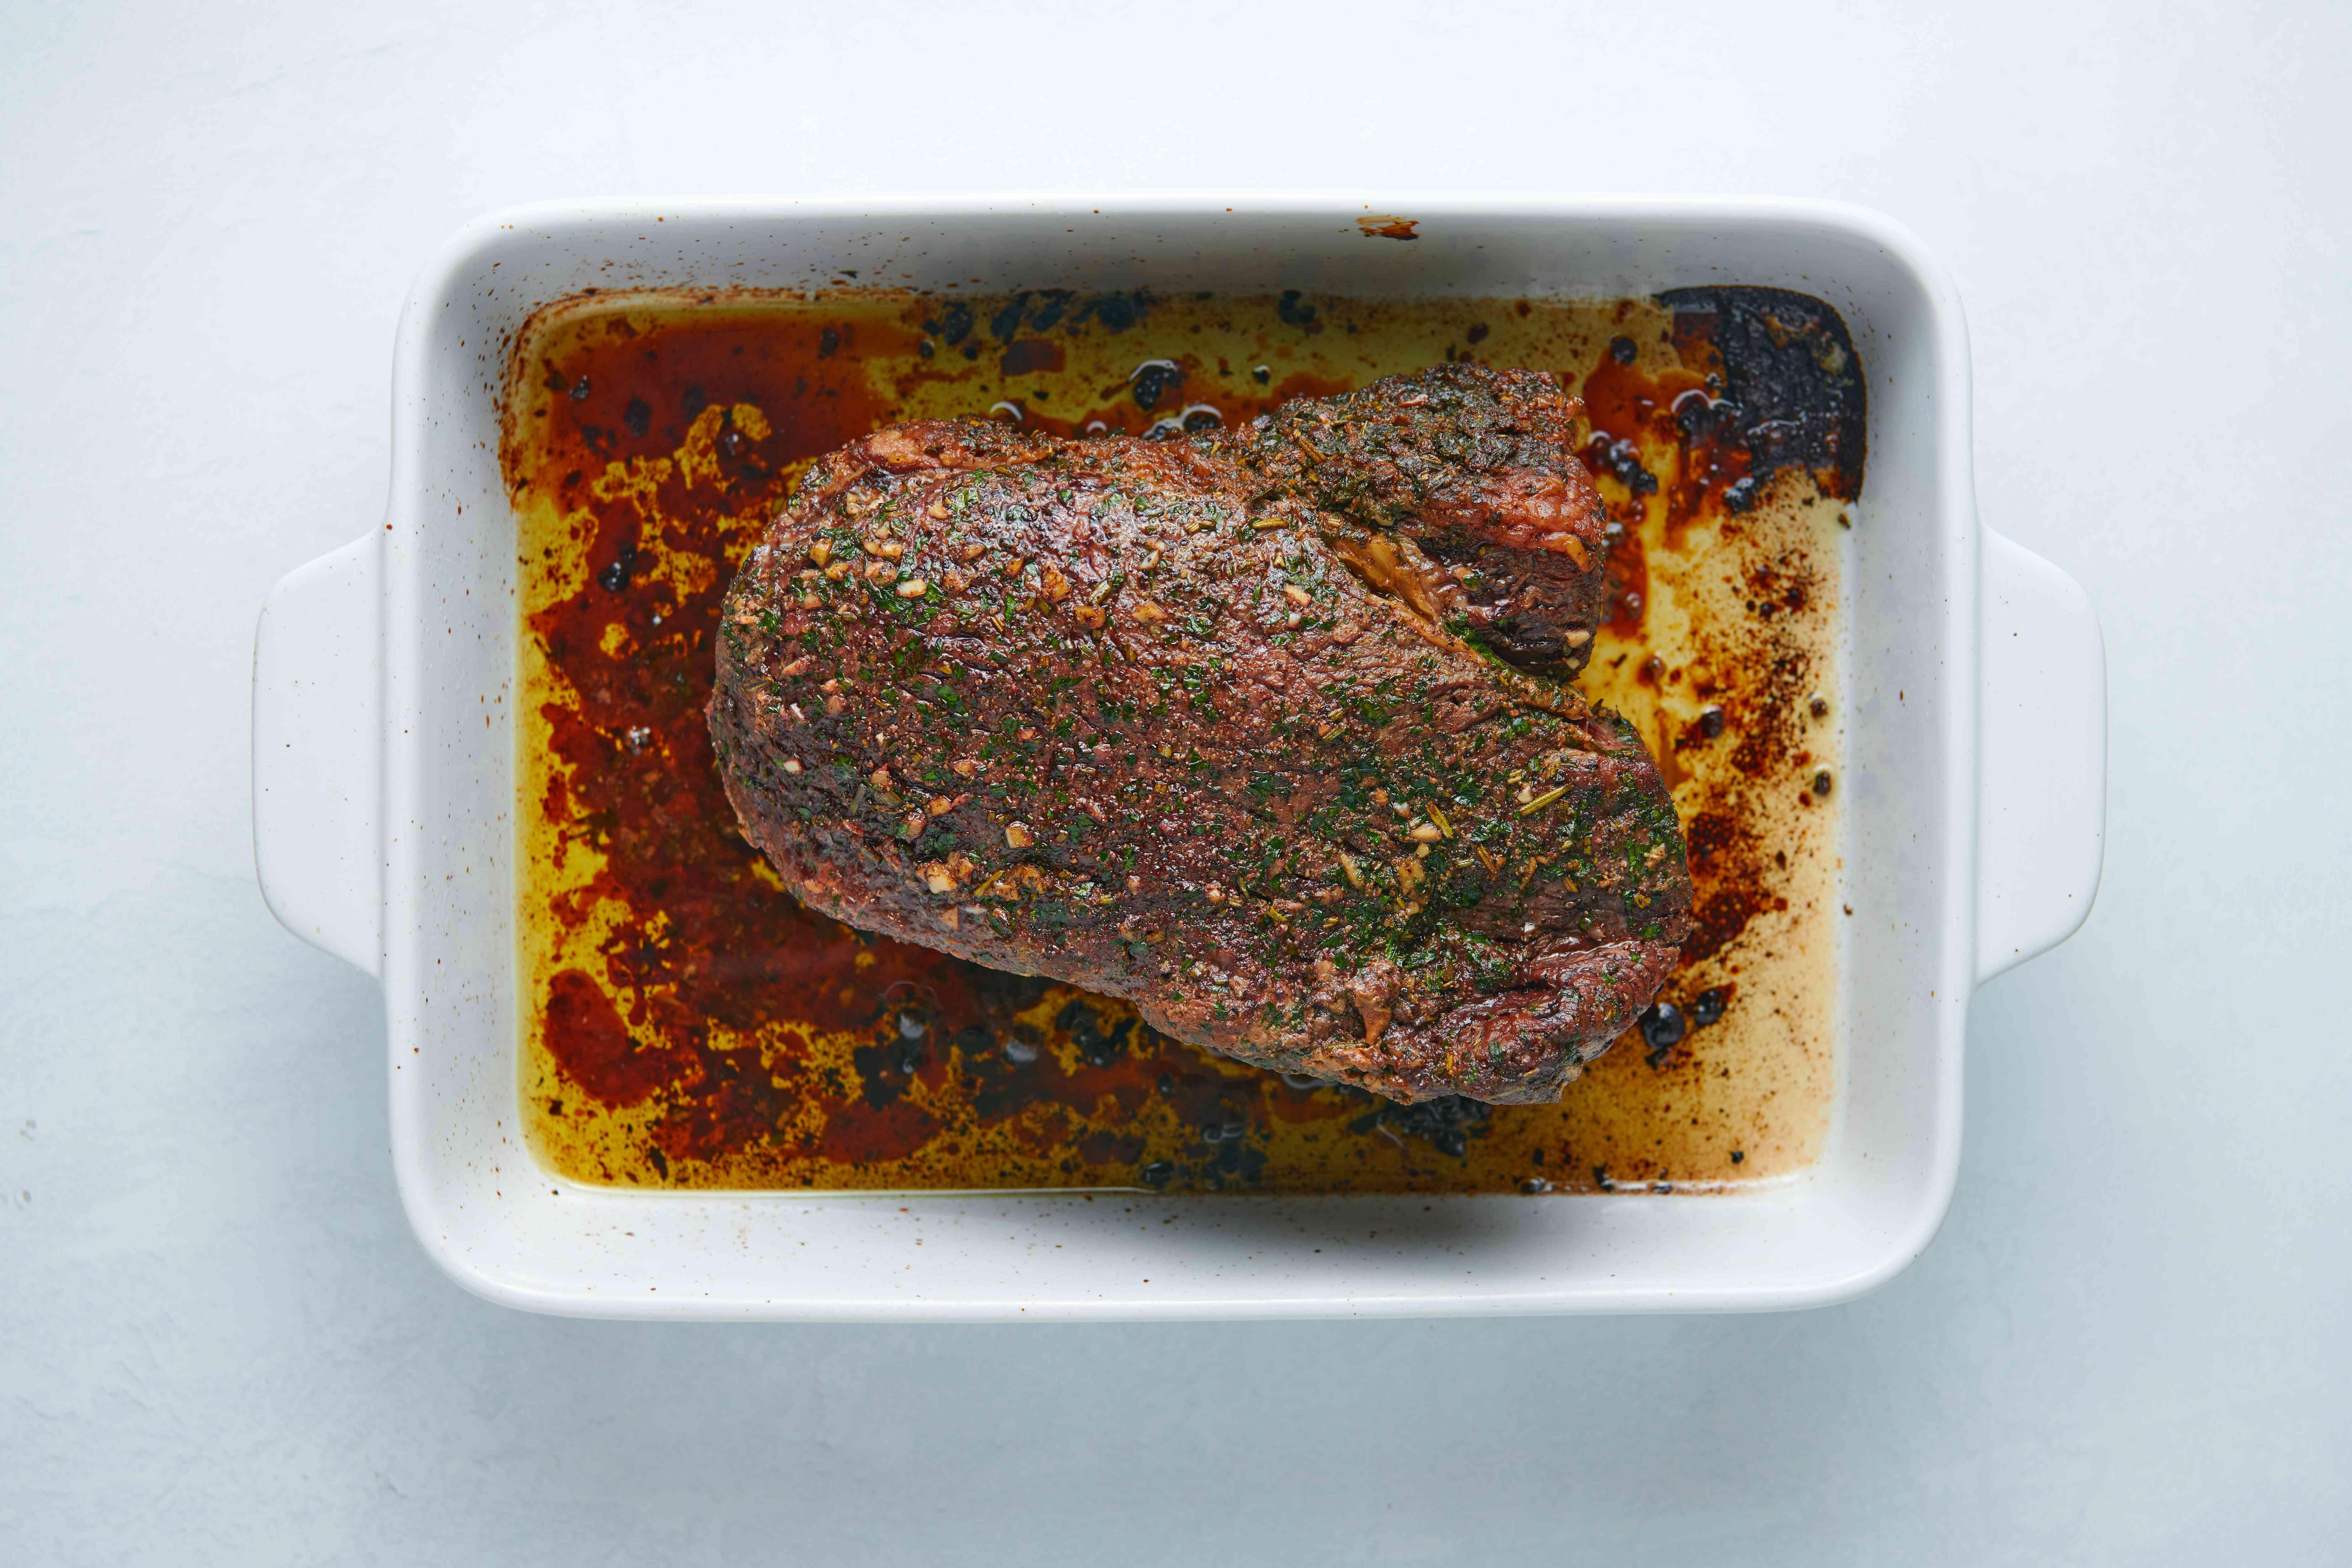 roast in a baking pan